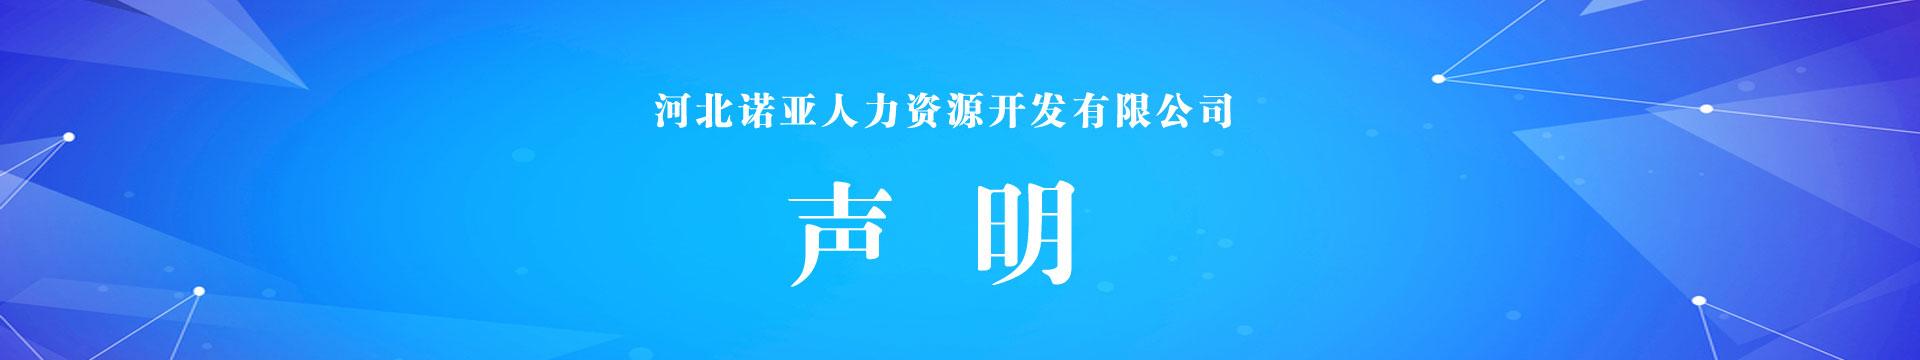 河北诺亚人力资源开发有限公司声明